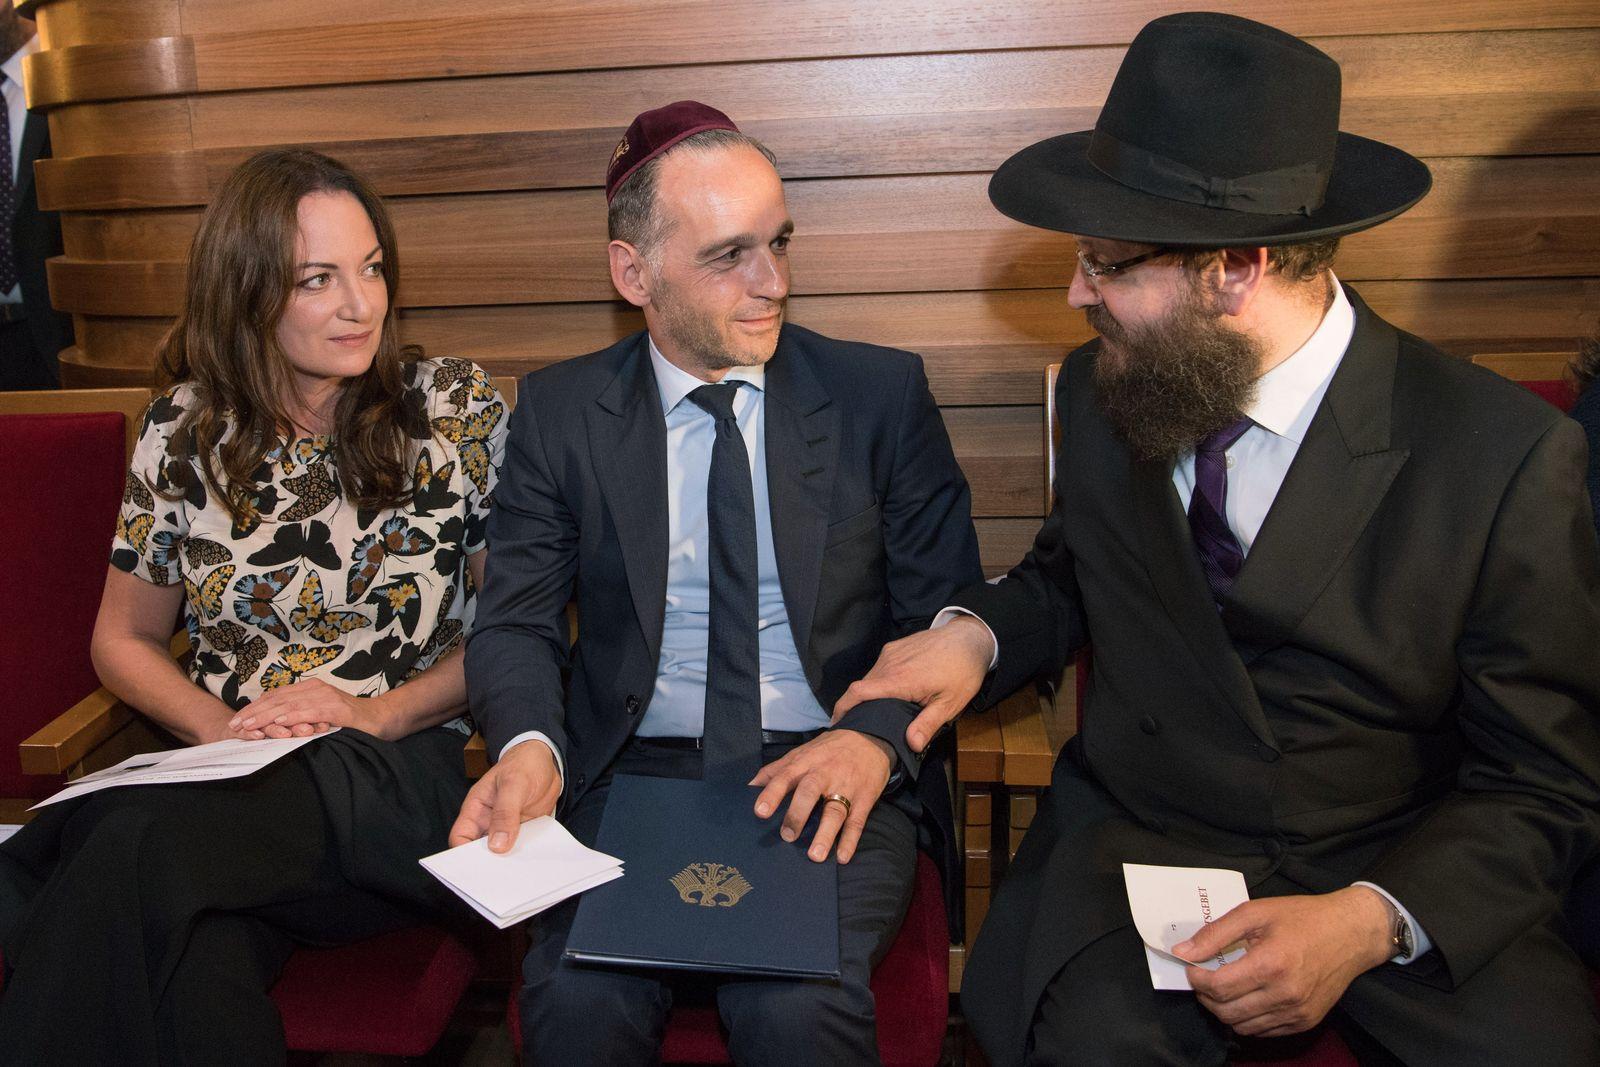 Solidaritätsgebet nach antisemitischem Vorfall gegen Rabbiner